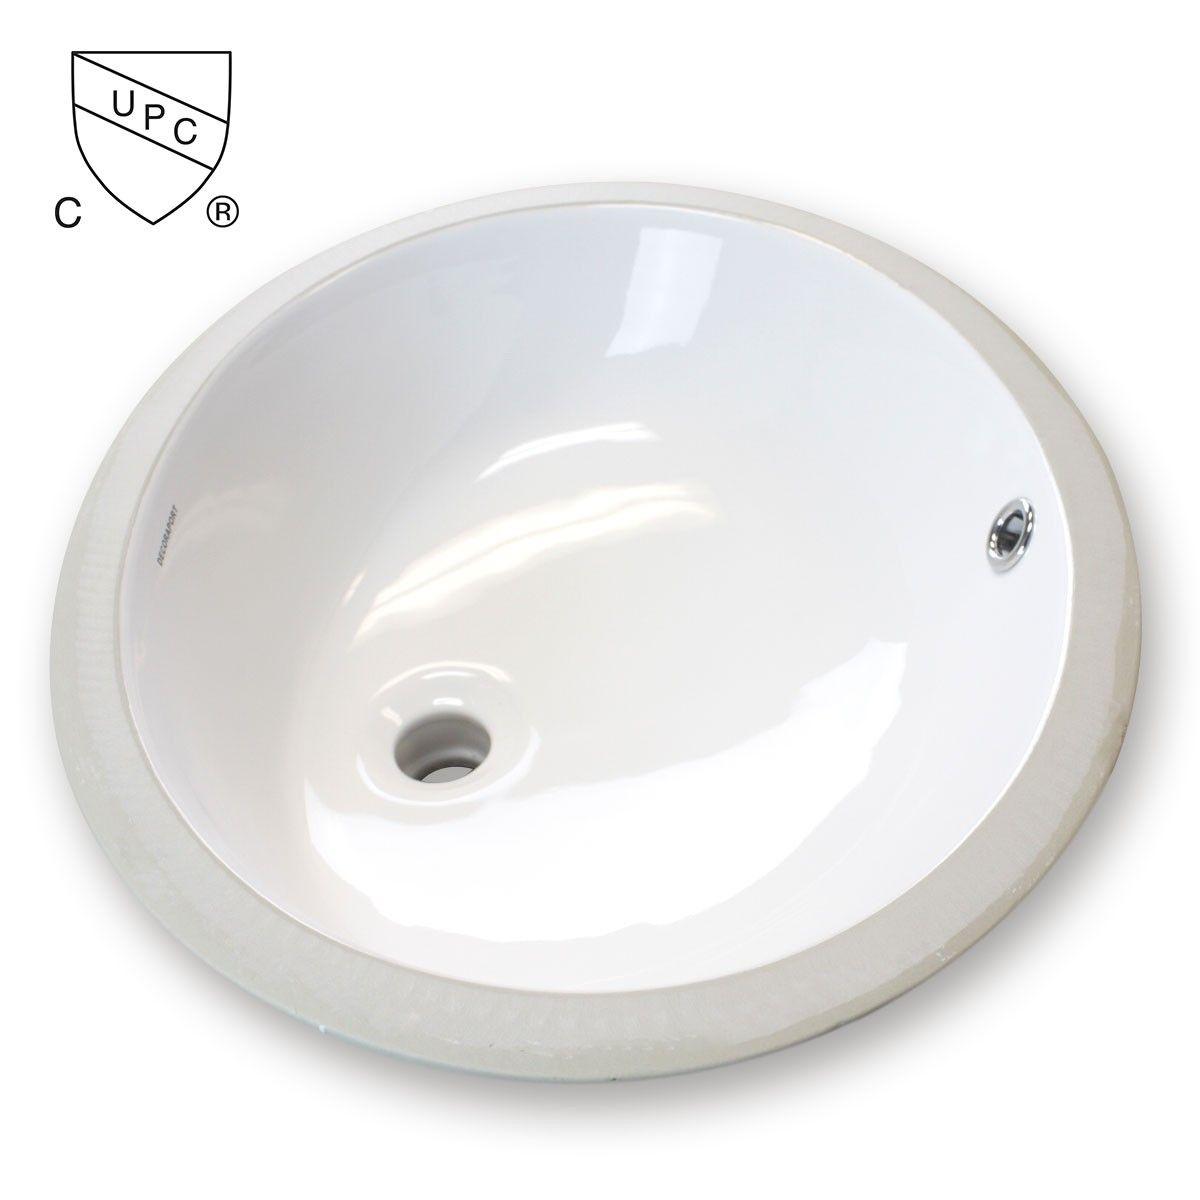 Decoraport Lavabo-Vasque Ovale de Dessous de Comptoir en Céramique Blanche (MY-3706)